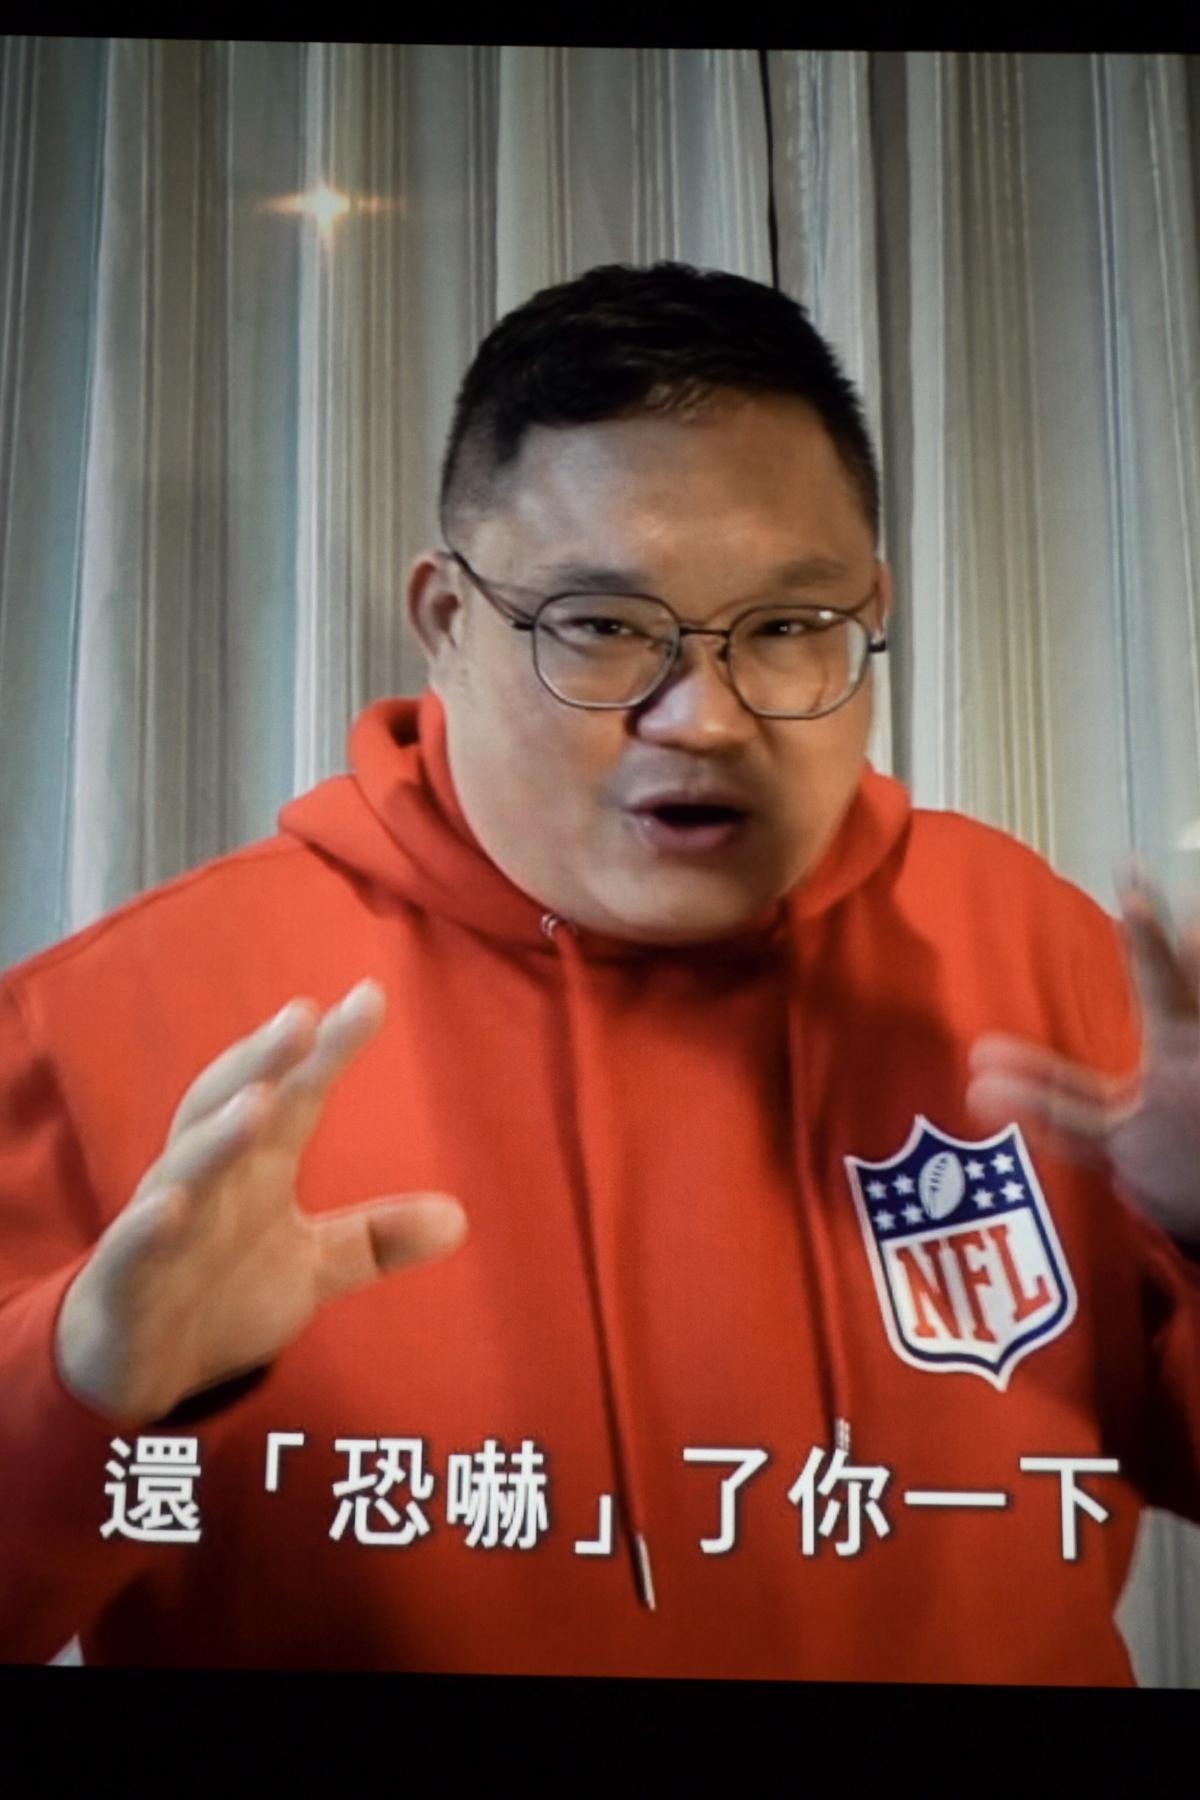 蕭敬騰哭腫眼激靈感!遭導演恐嚇下戰帖挑戰音樂電影